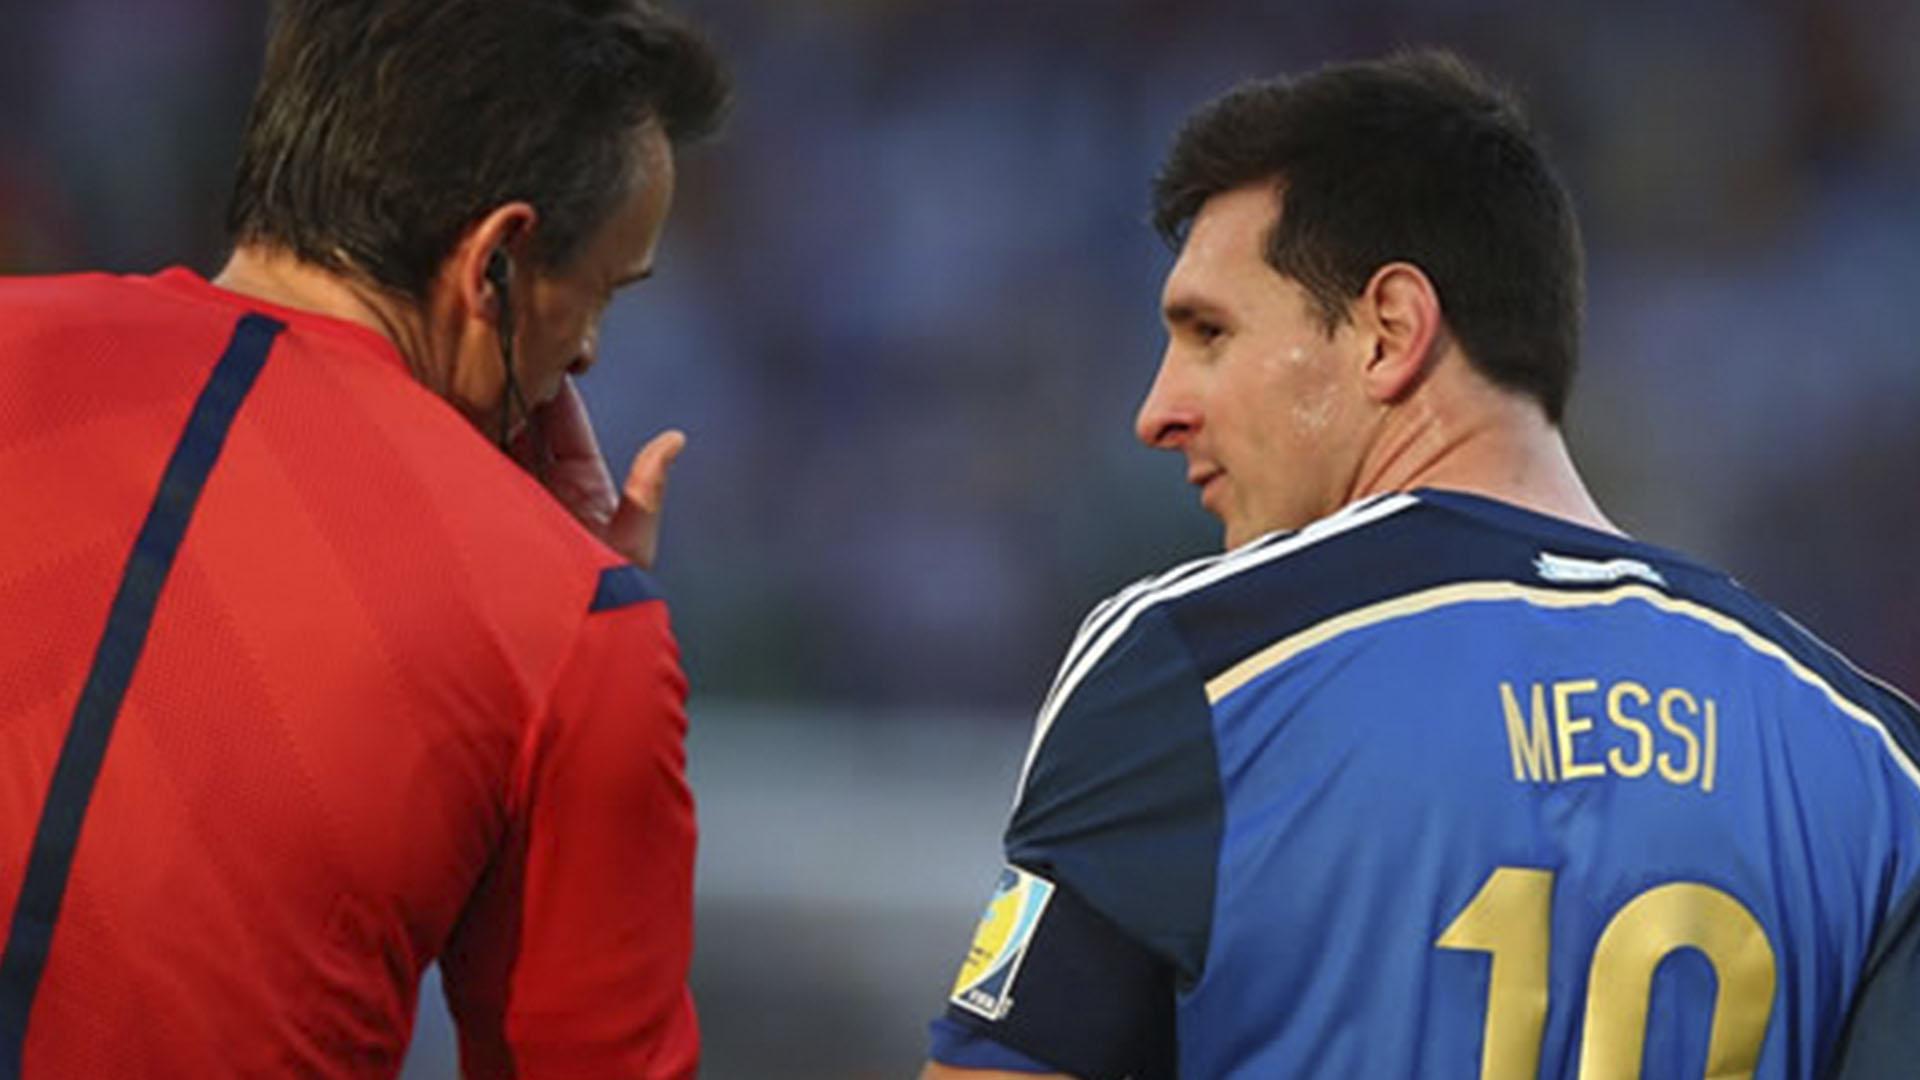 Rizzoli habla con Messi en la controvertida final (Foto: Getty)